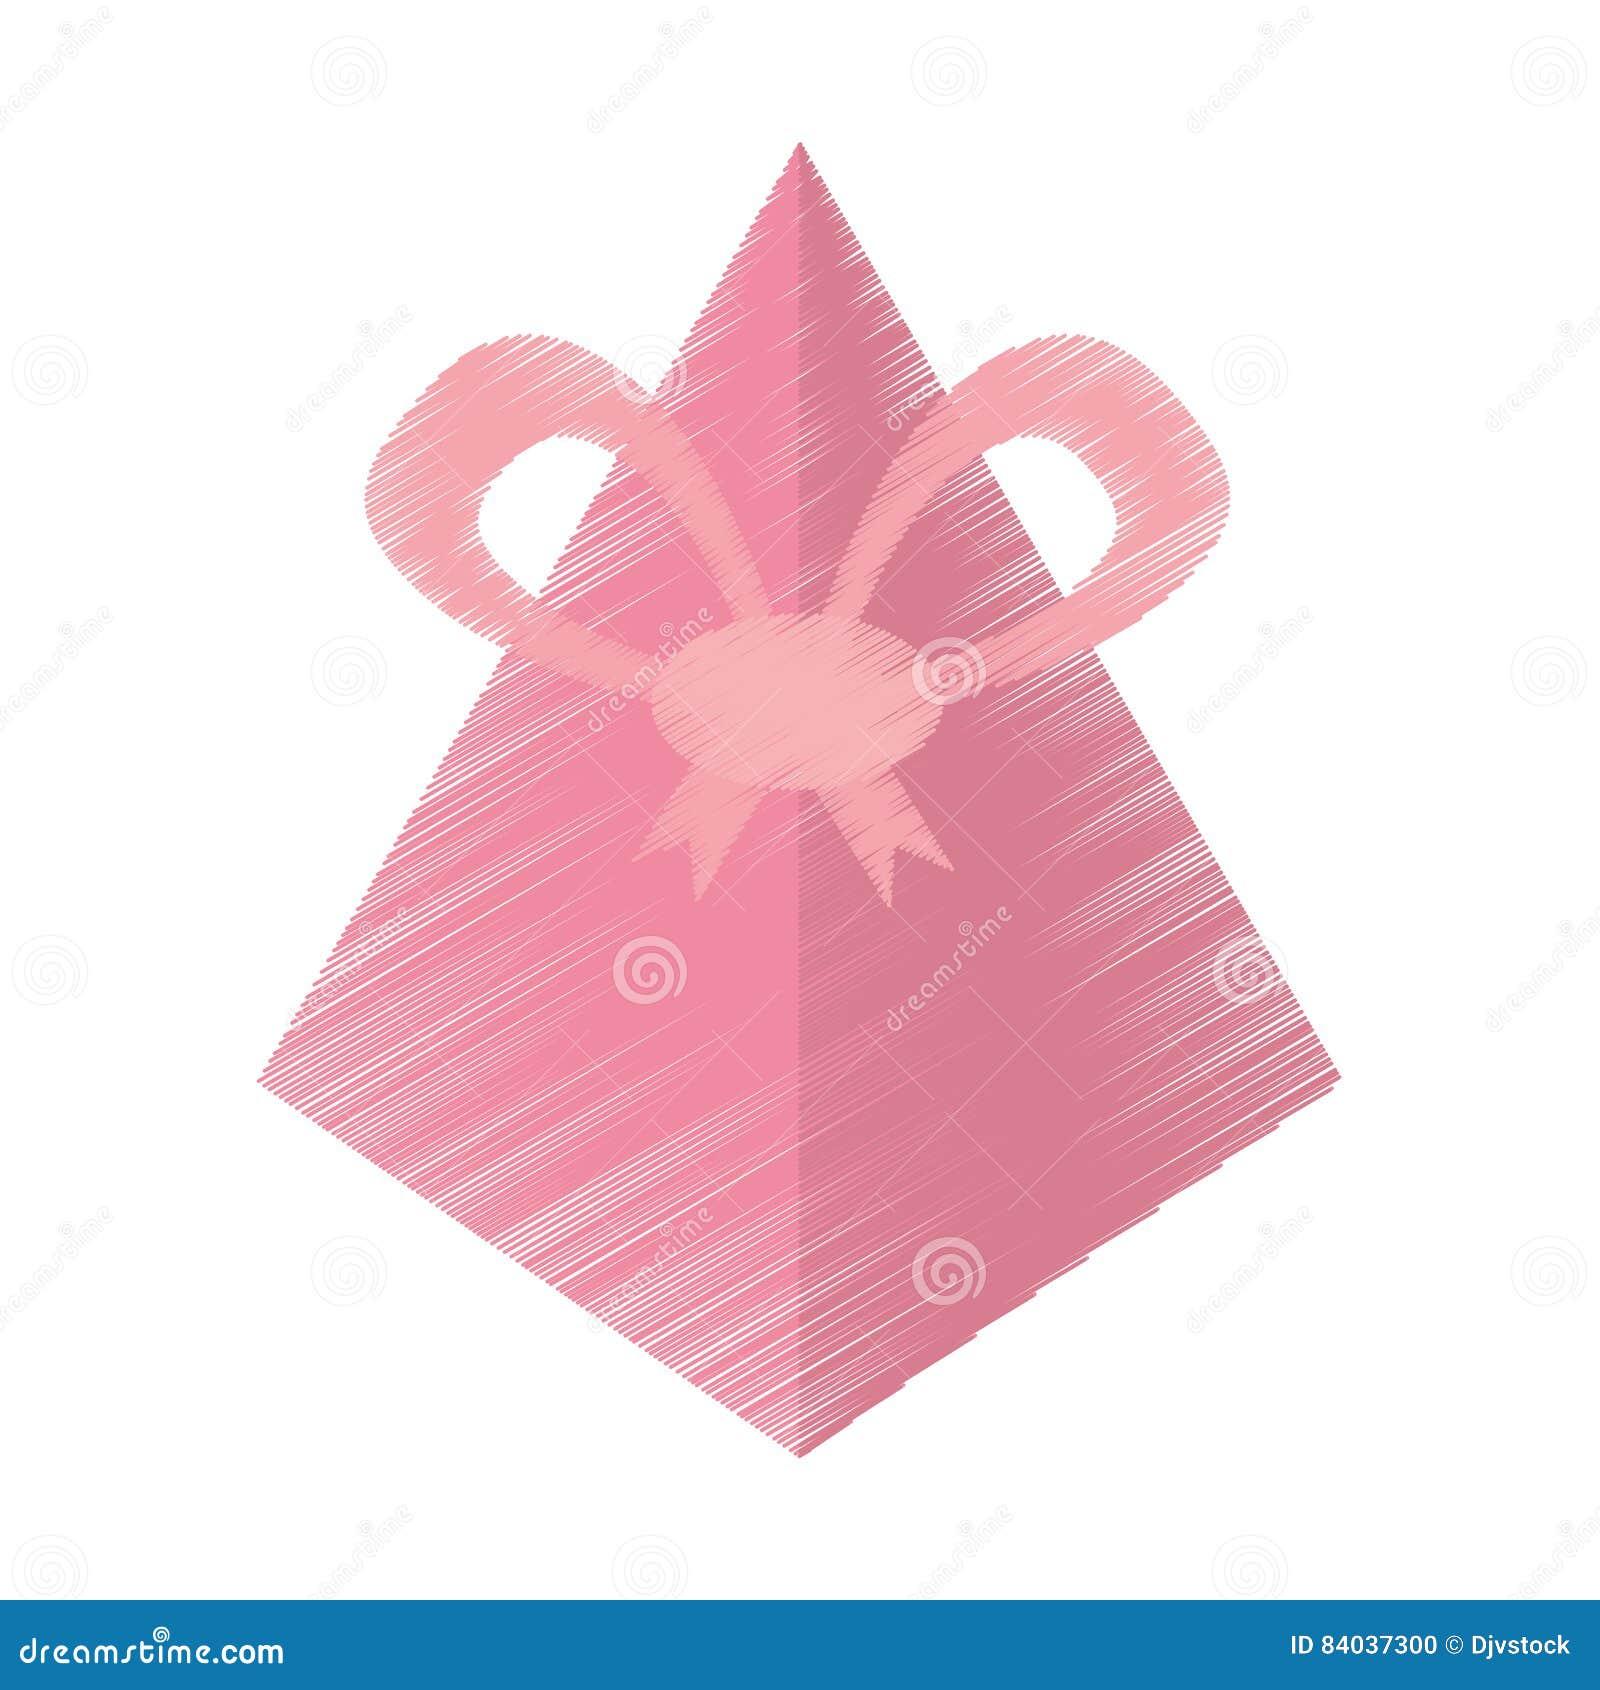 σχεδιασμός του ρόδινου τόξου πυραμίδων κιβωτίων δώρων